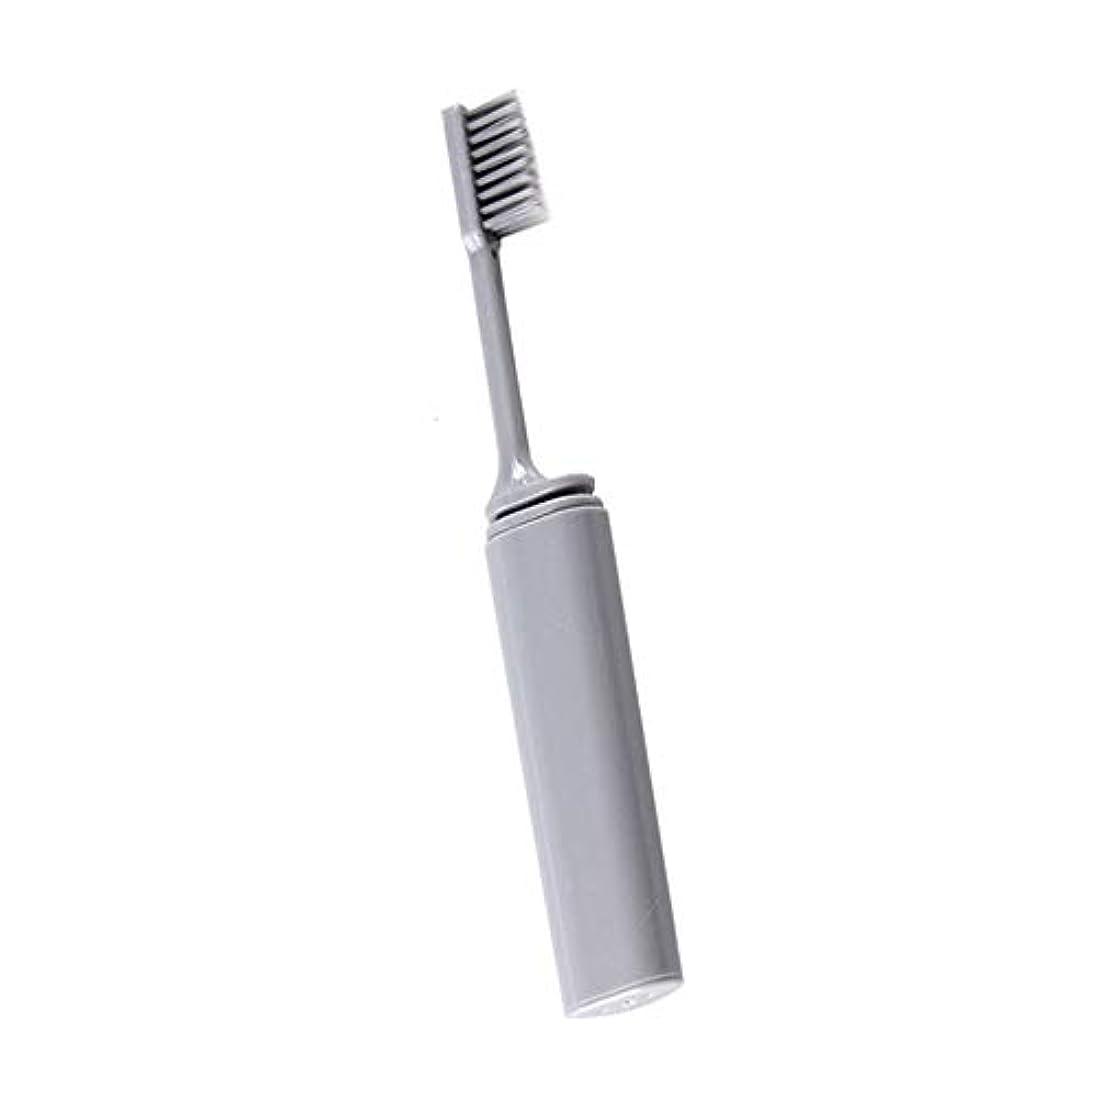 不利益全部無駄なOnior 旅行歯ブラシ 折りたたみ歯ブラシ 携帯歯ブラシ 外出 旅行用品, ソフト コンパクト歯ブラシ 便利 折りたたみ 耐久性 携帯用 灰色